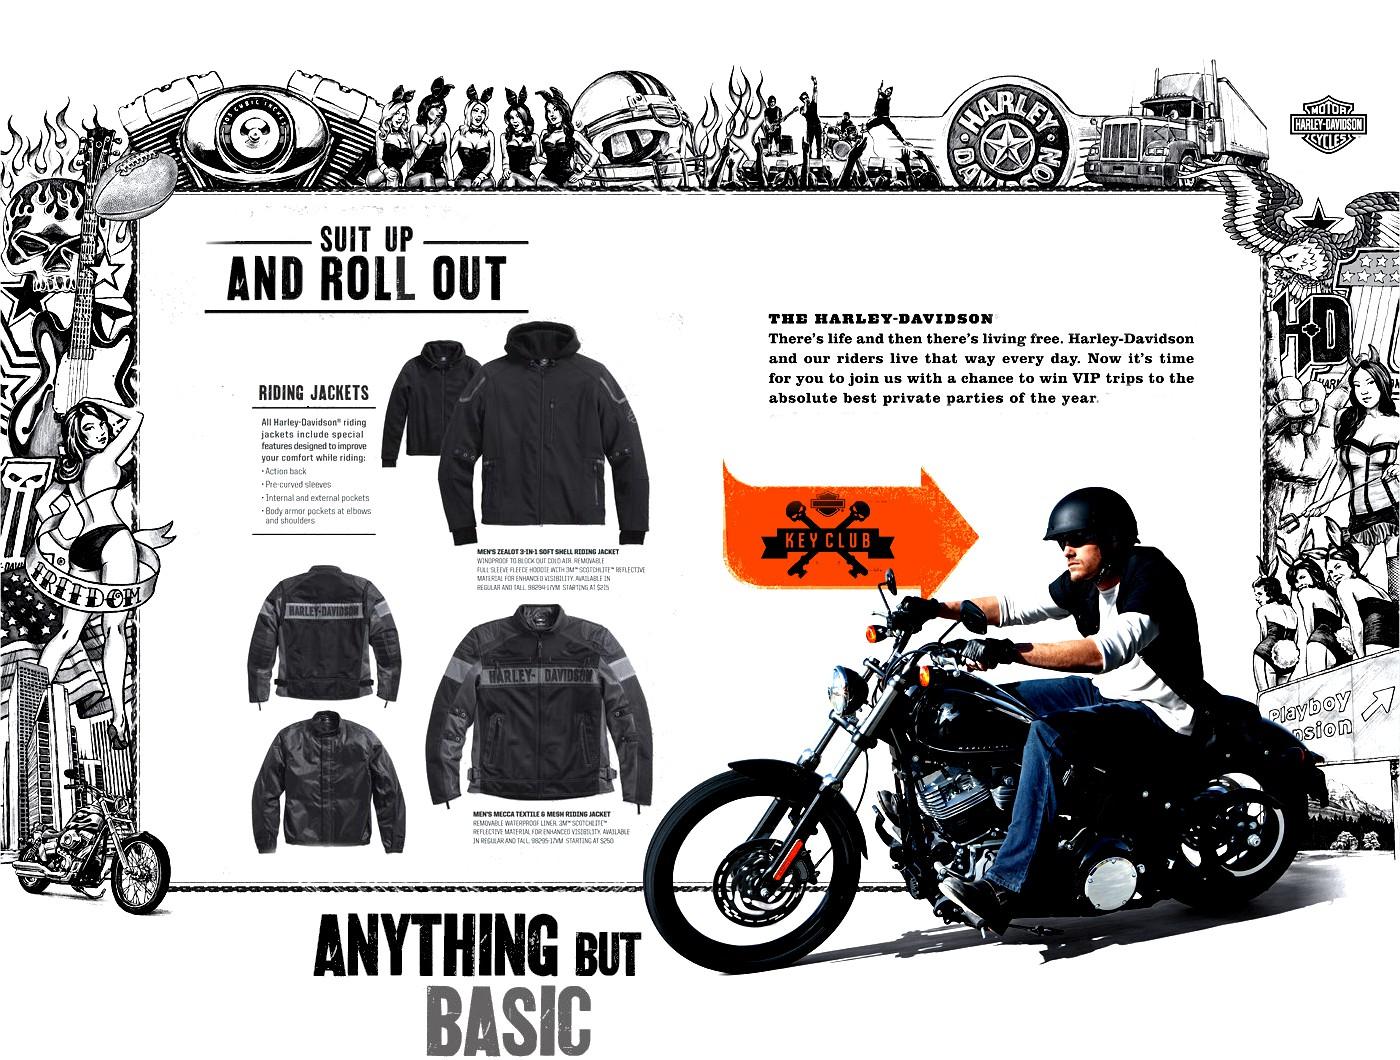 Découvrez notre rayon Harley Davidson - Bottes / Chaussures / Vêtements / Accessoires